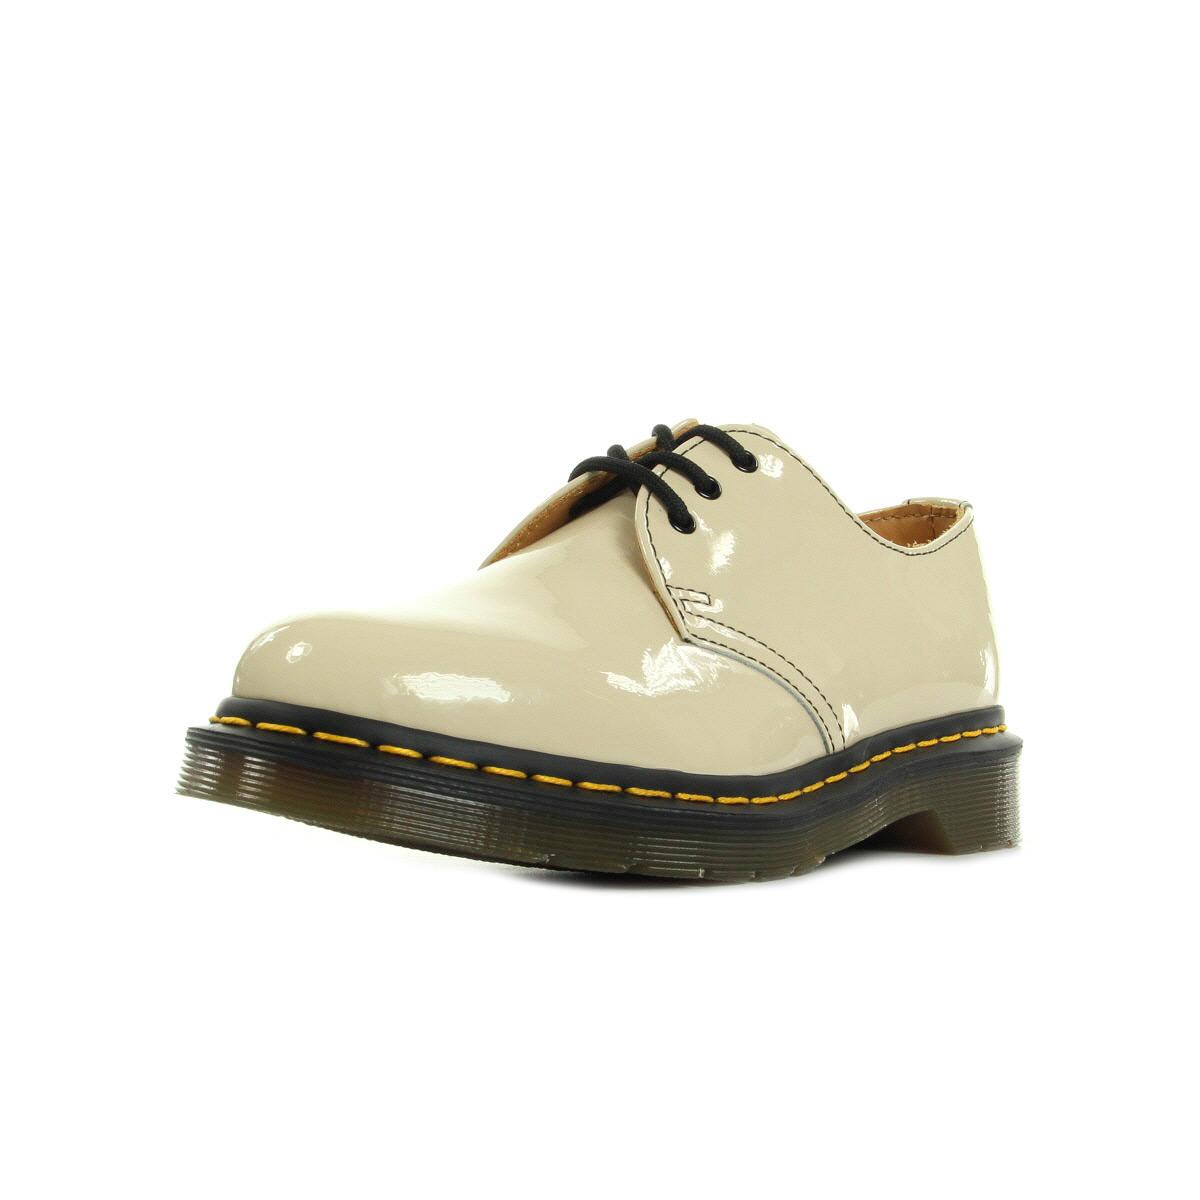 Chaussures Dr Martens 1461 Porcelain Patent Lamper qac50